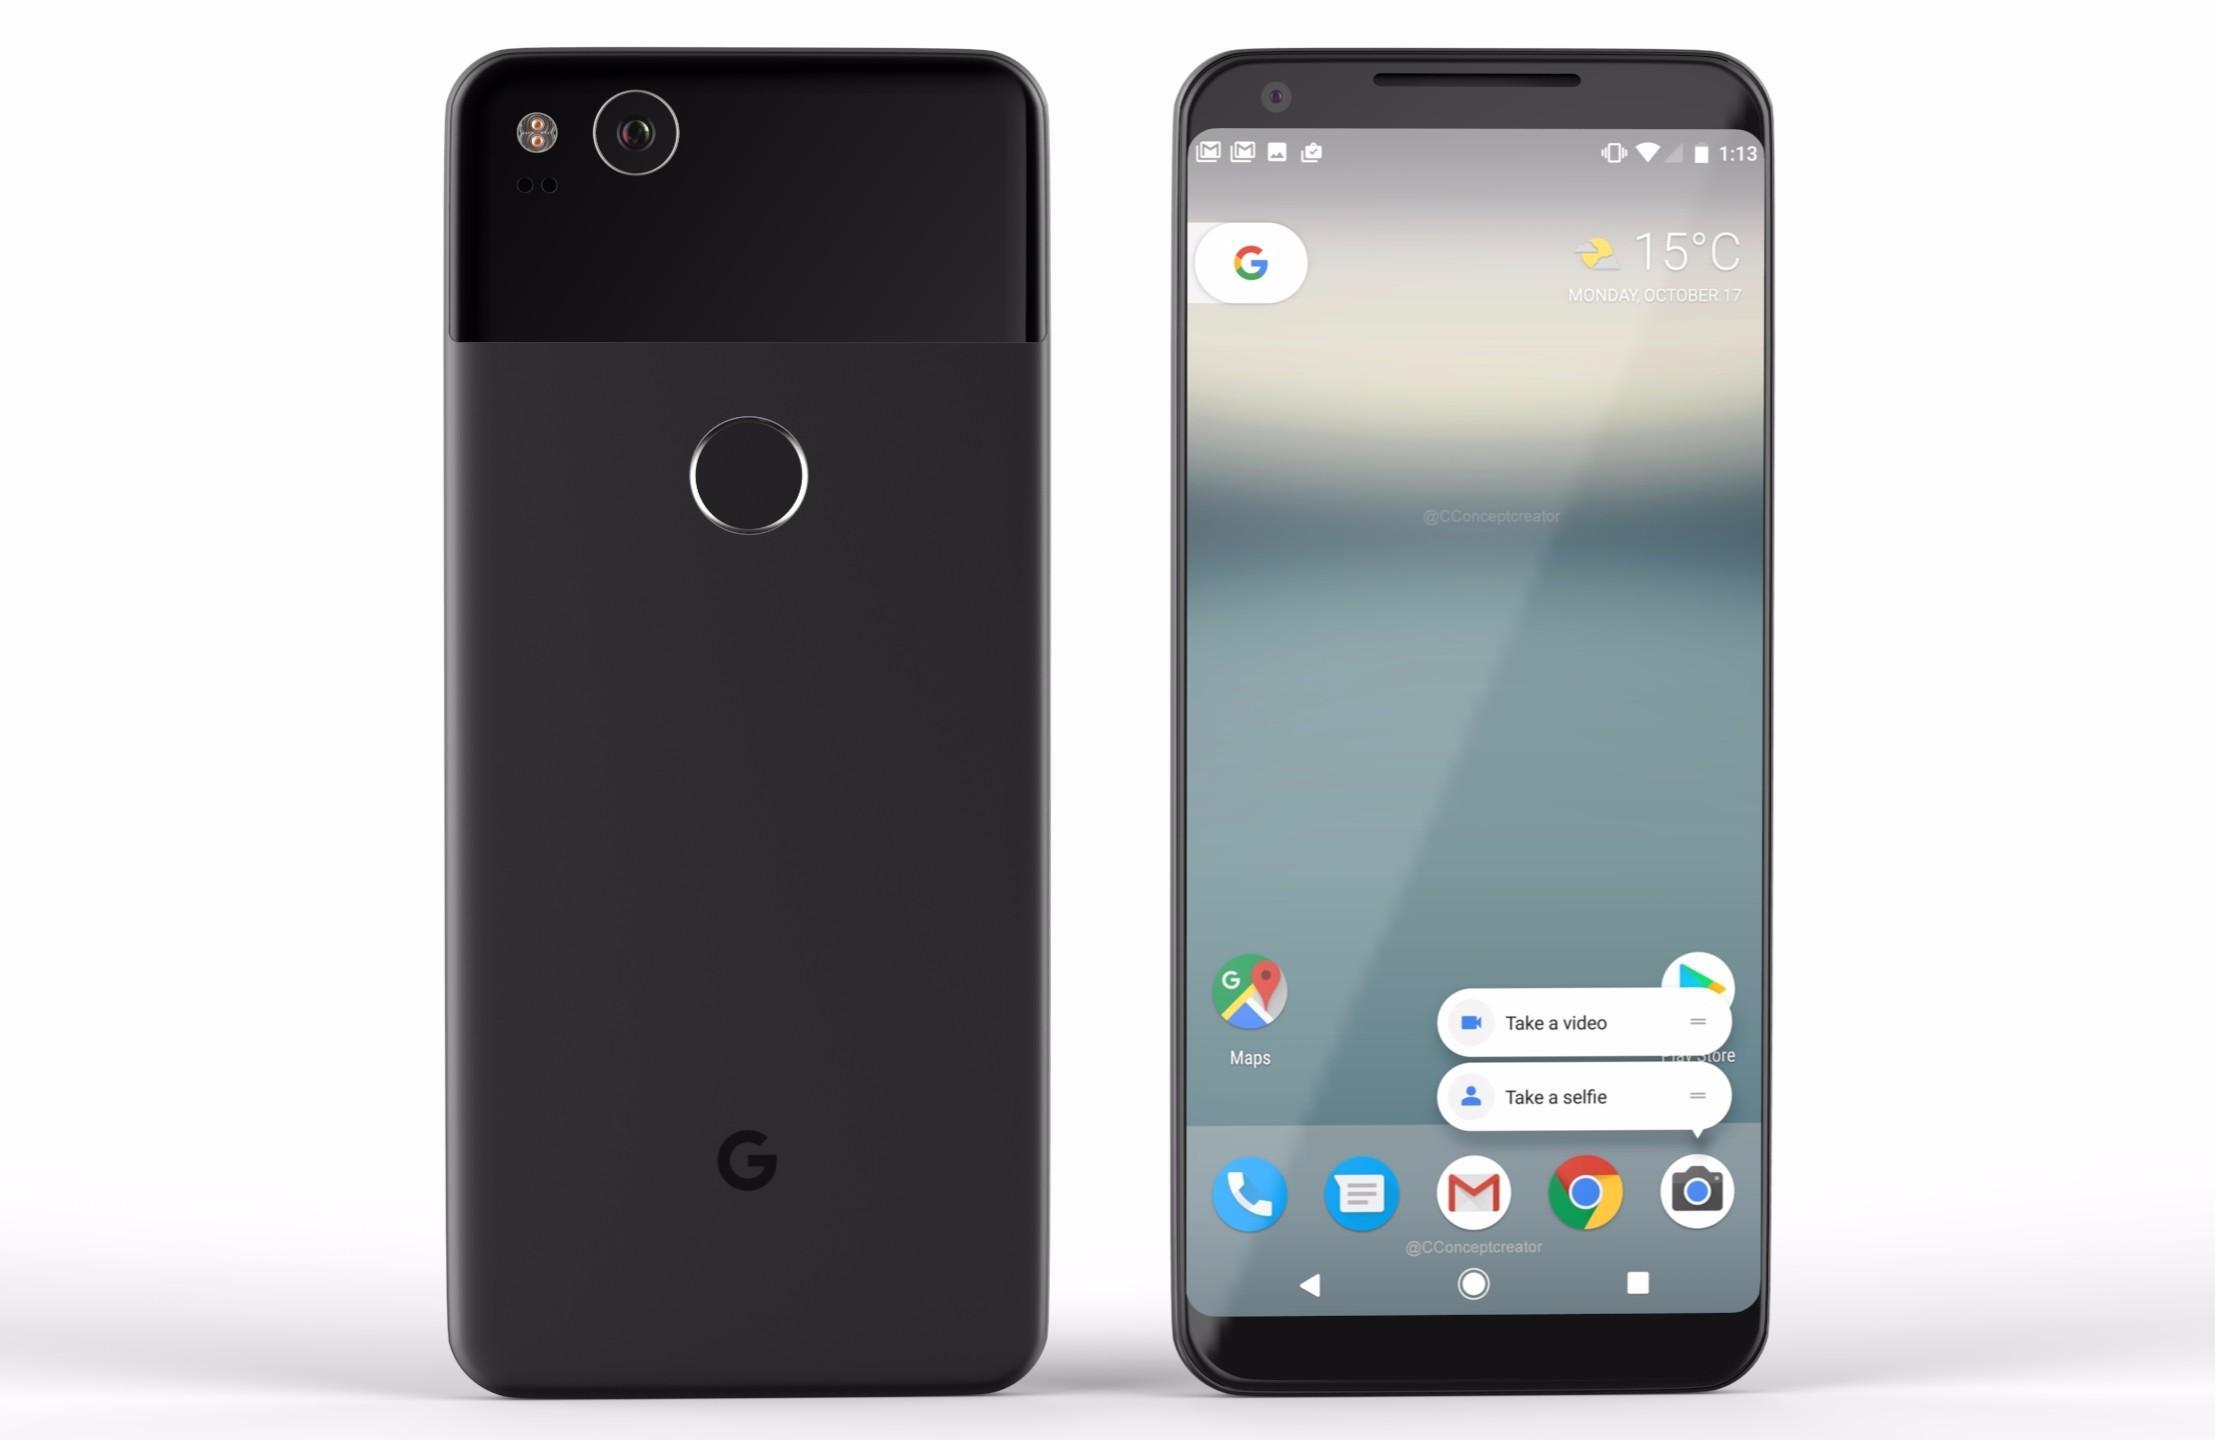 В телефонах Pixel 2 обнаружили 1-ый мобильный чип Google